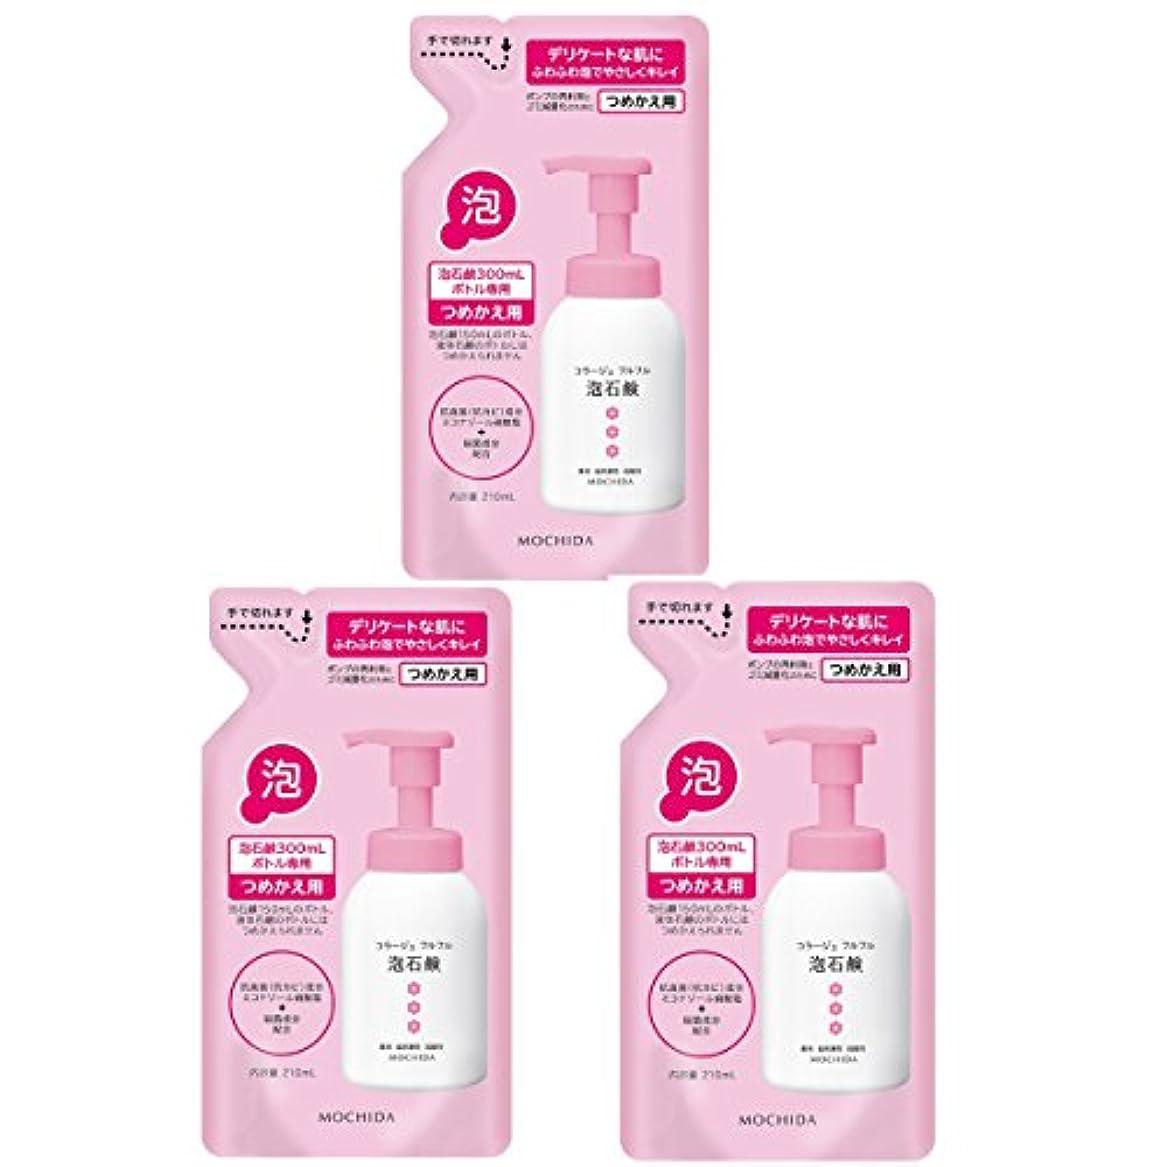 配分飼い慣らすコンデンサーコラージュフルフル 泡石鹸 ピンク つめかえ用 210mL (医薬部外品)×3